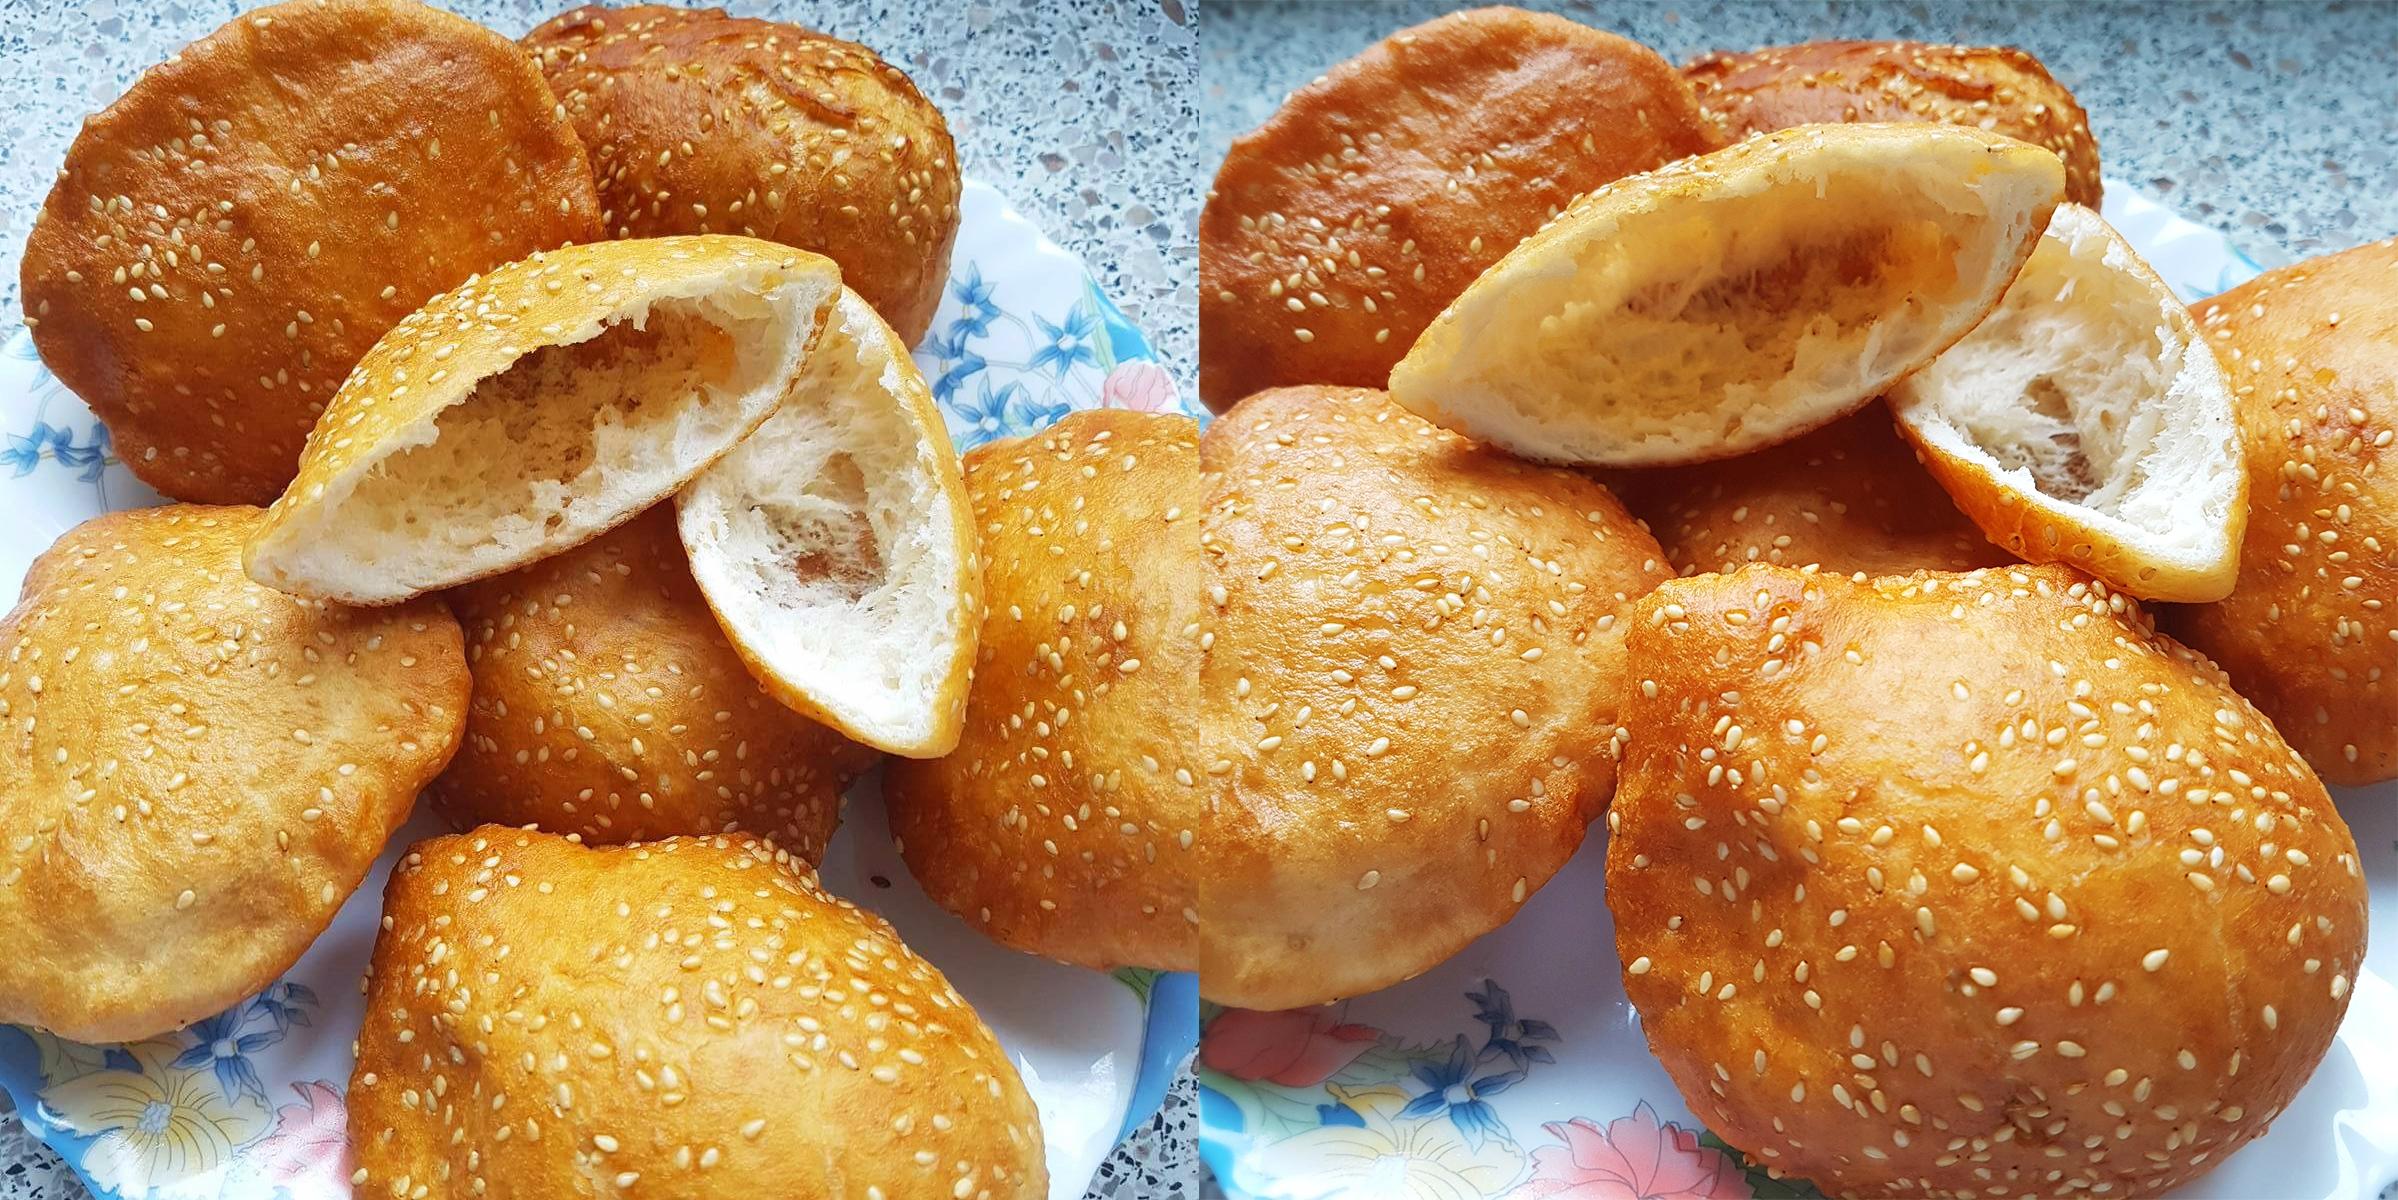 Công thức làm bánh tiêu đơn giản vô cùng không cần bột nở, men nở